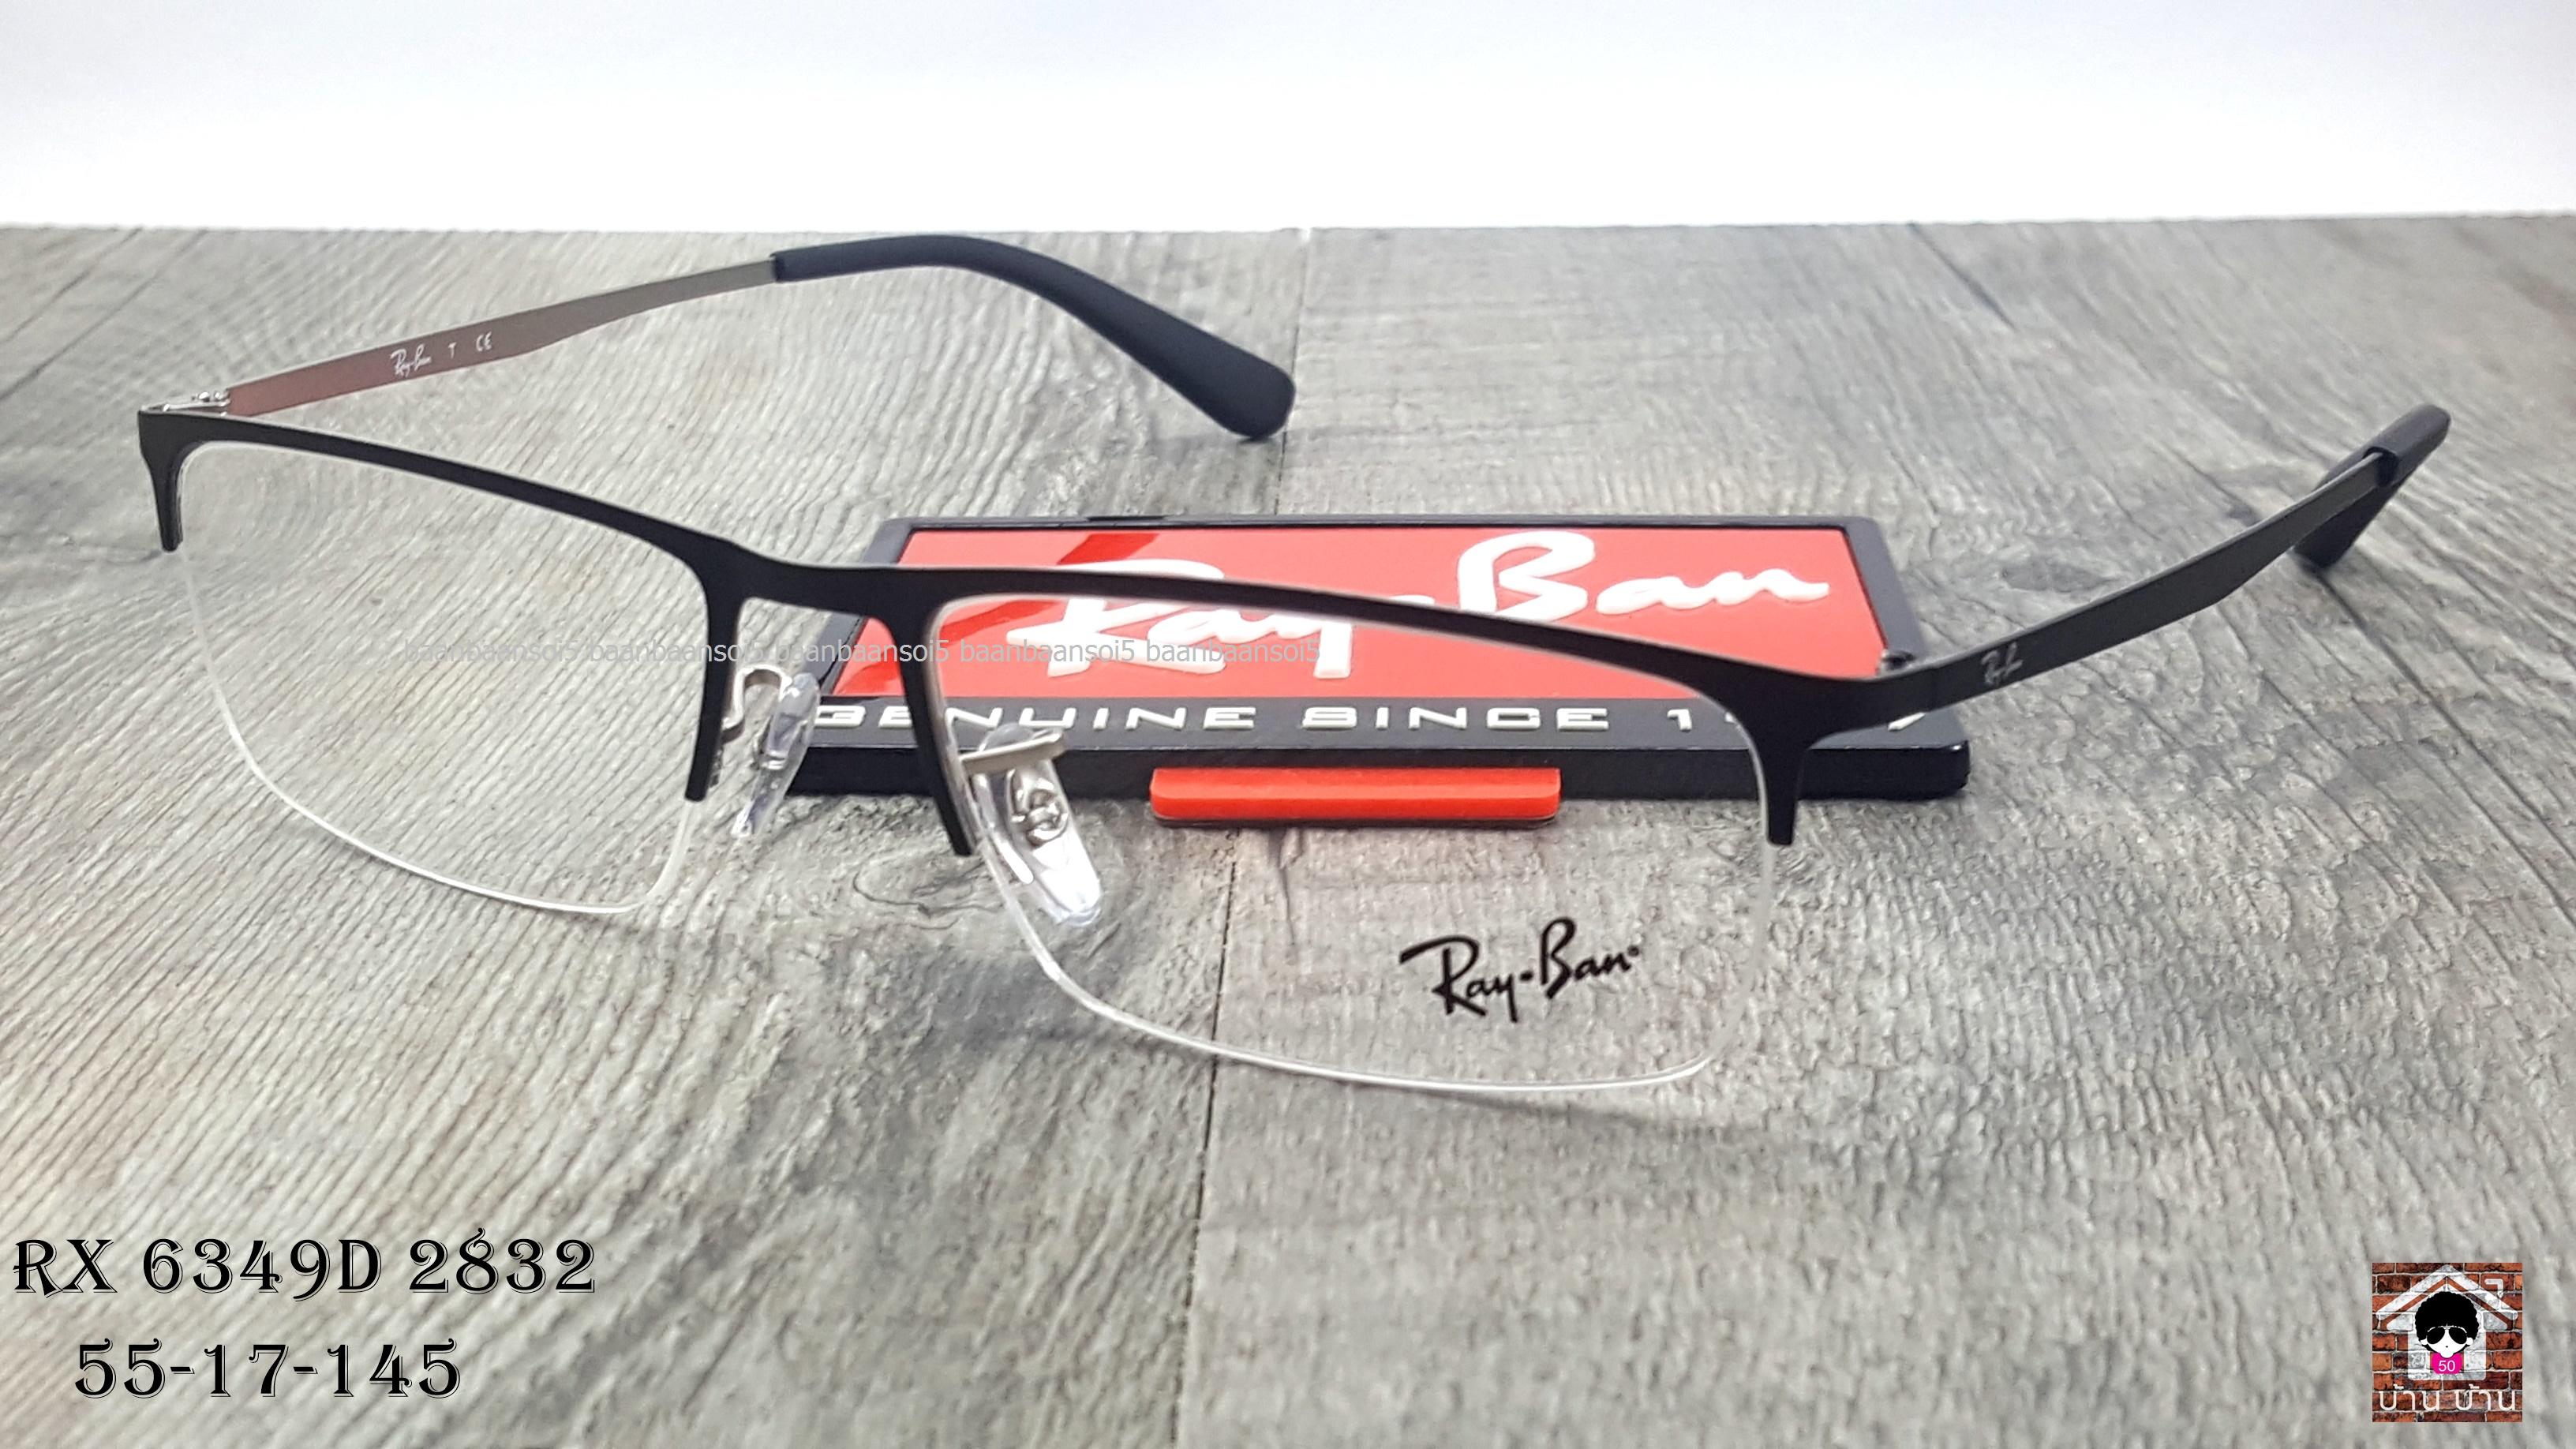 Rayban RX 6349D 2832 โปรโมชั่น กรอบแว่นตาพร้อมเลนส์ HOYA ราคา 3,700 บาท